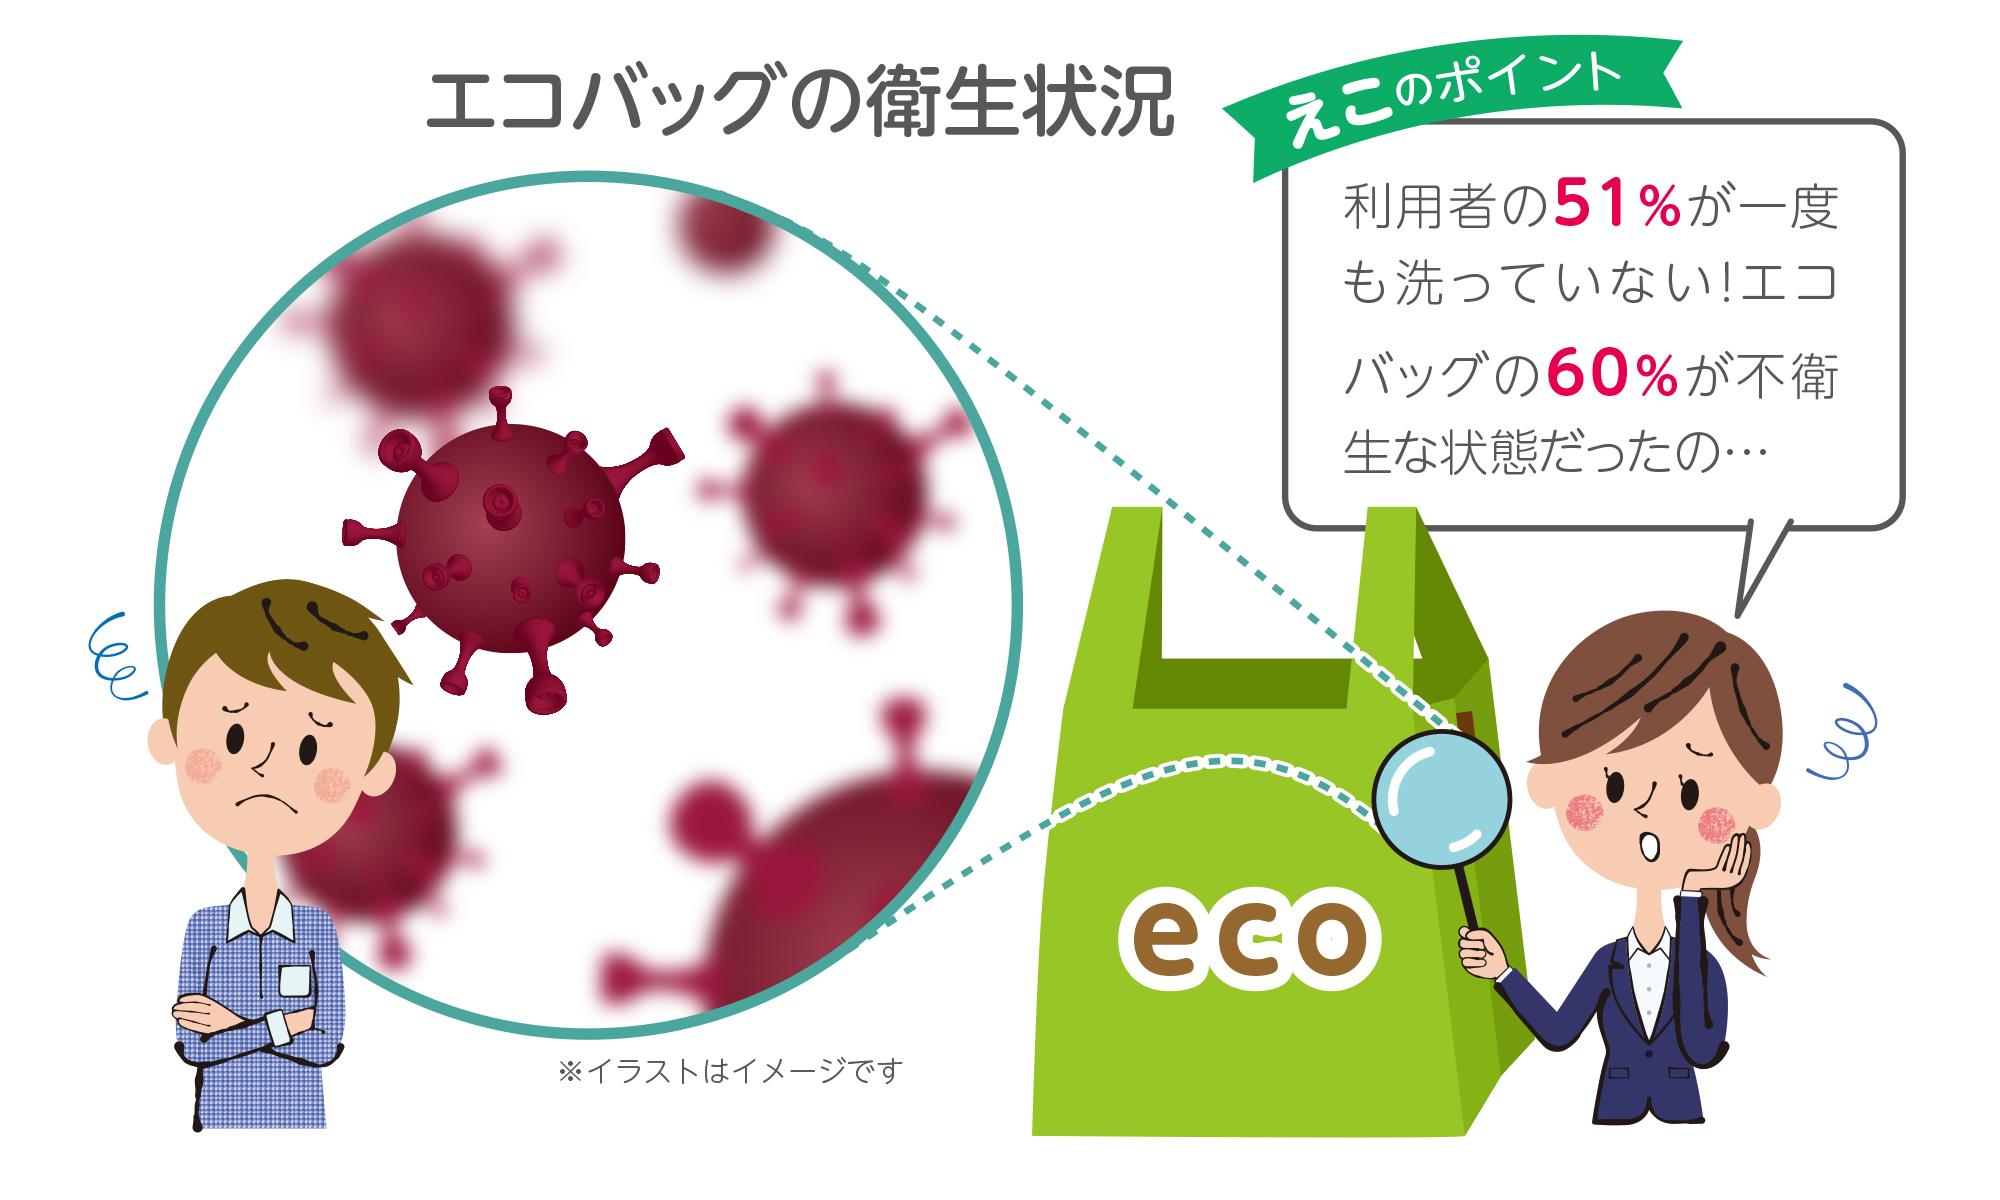 エコバッグやマイバッグに付着するウイルスや雑菌